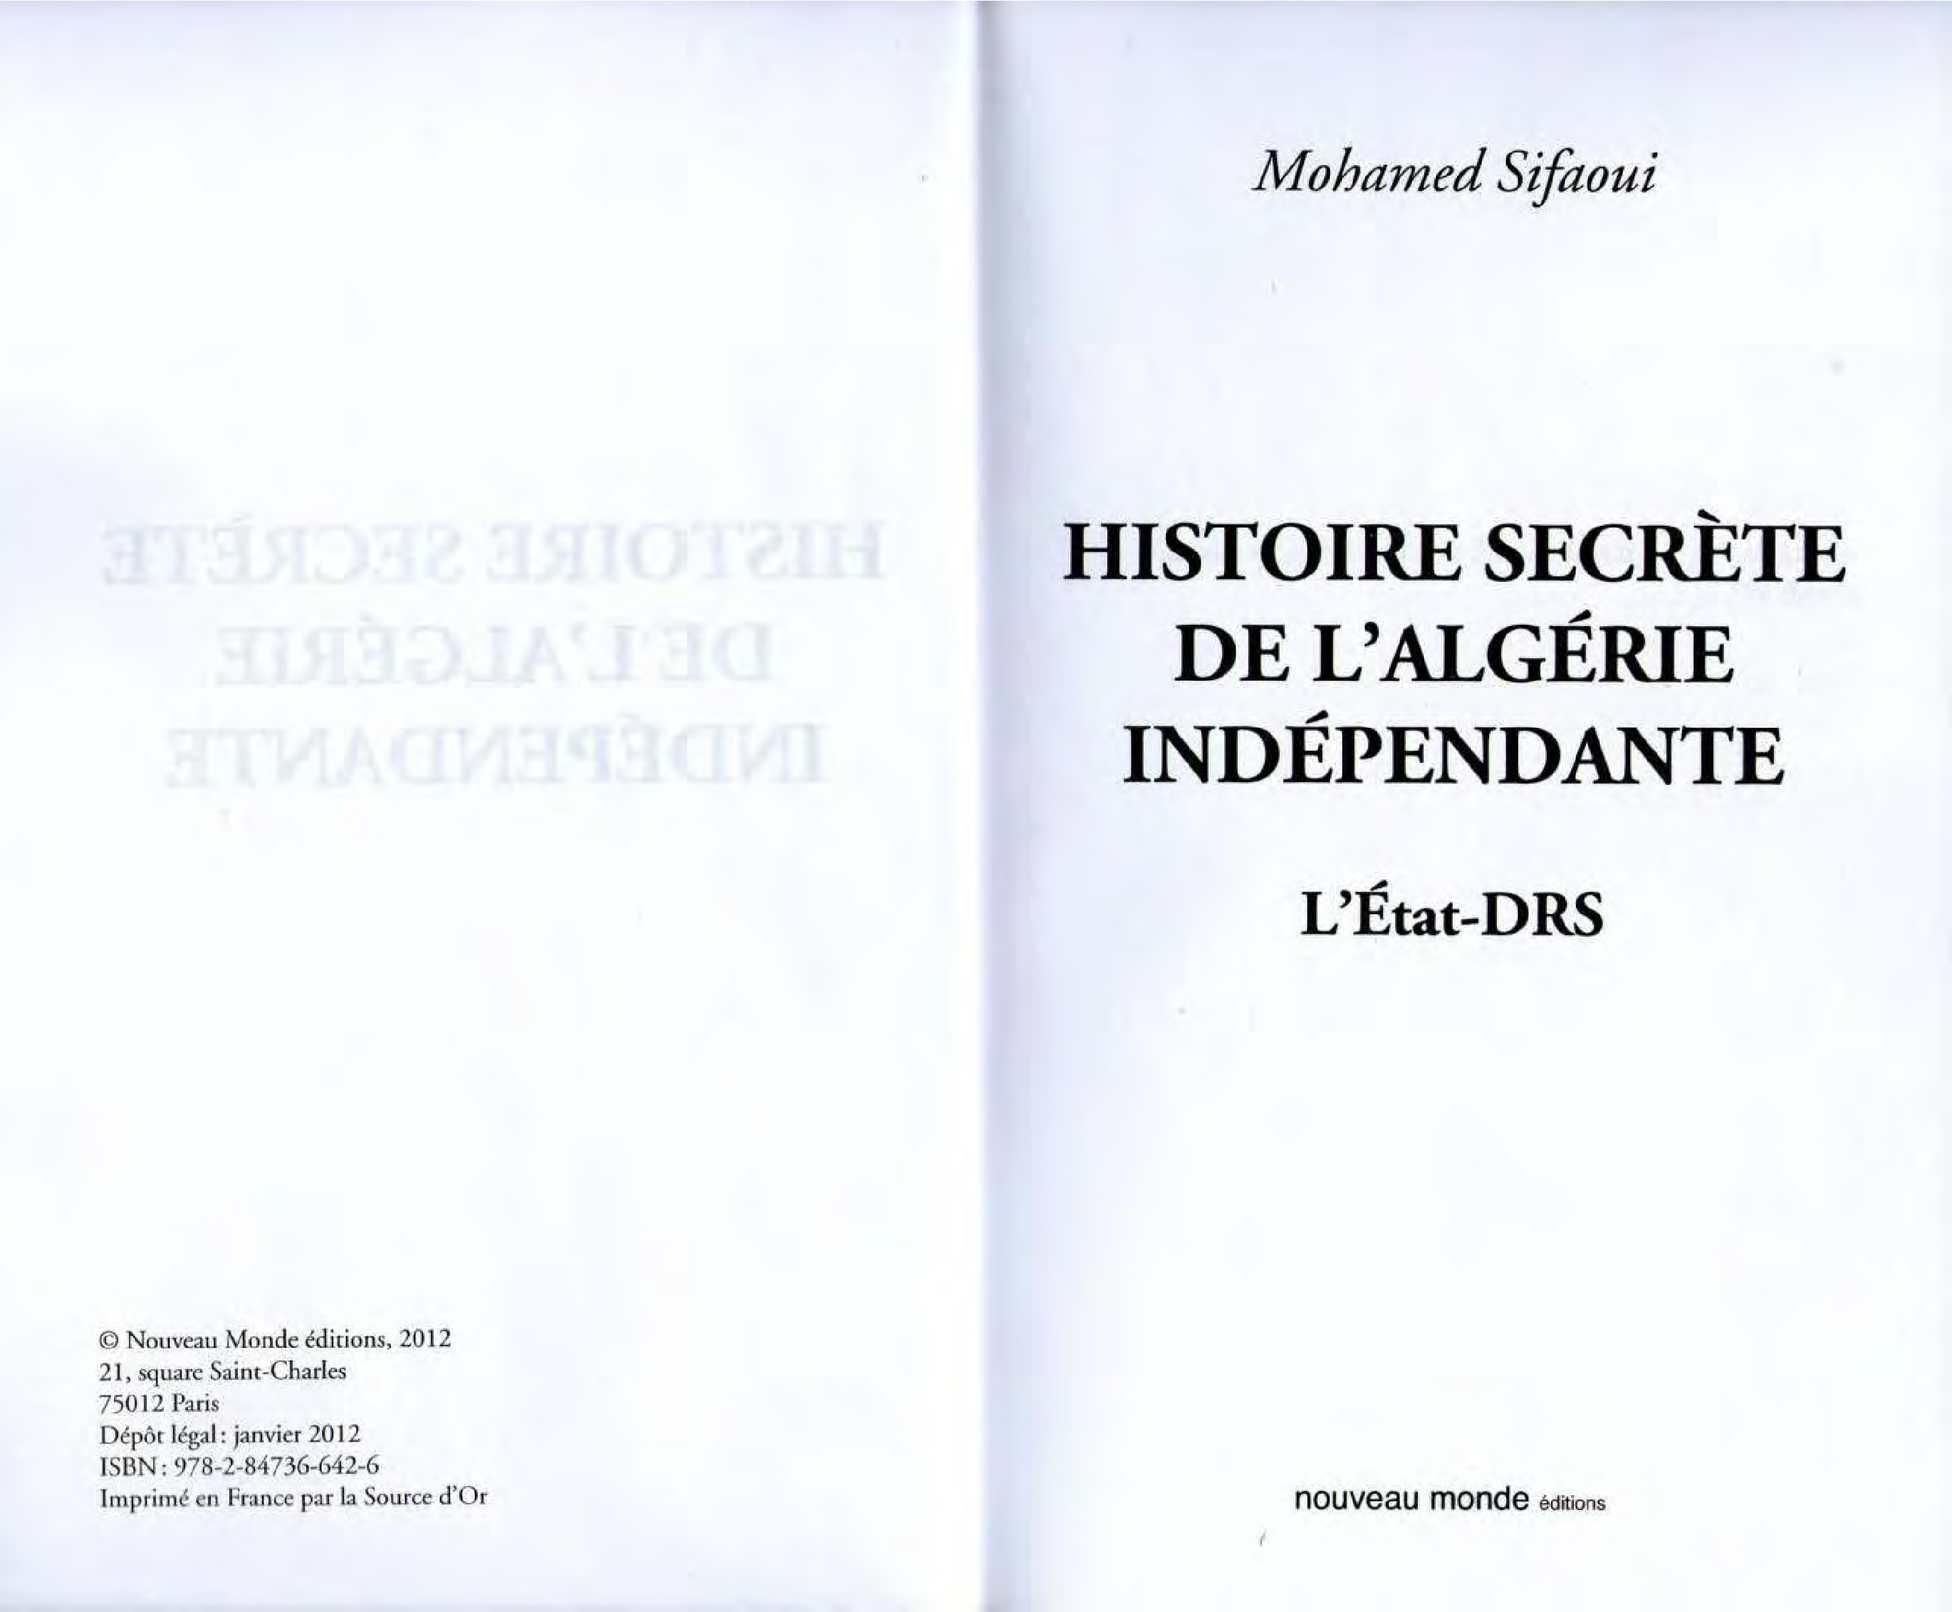 Calaméo - histoire secrete de l algerie 0b14bd47d2c0